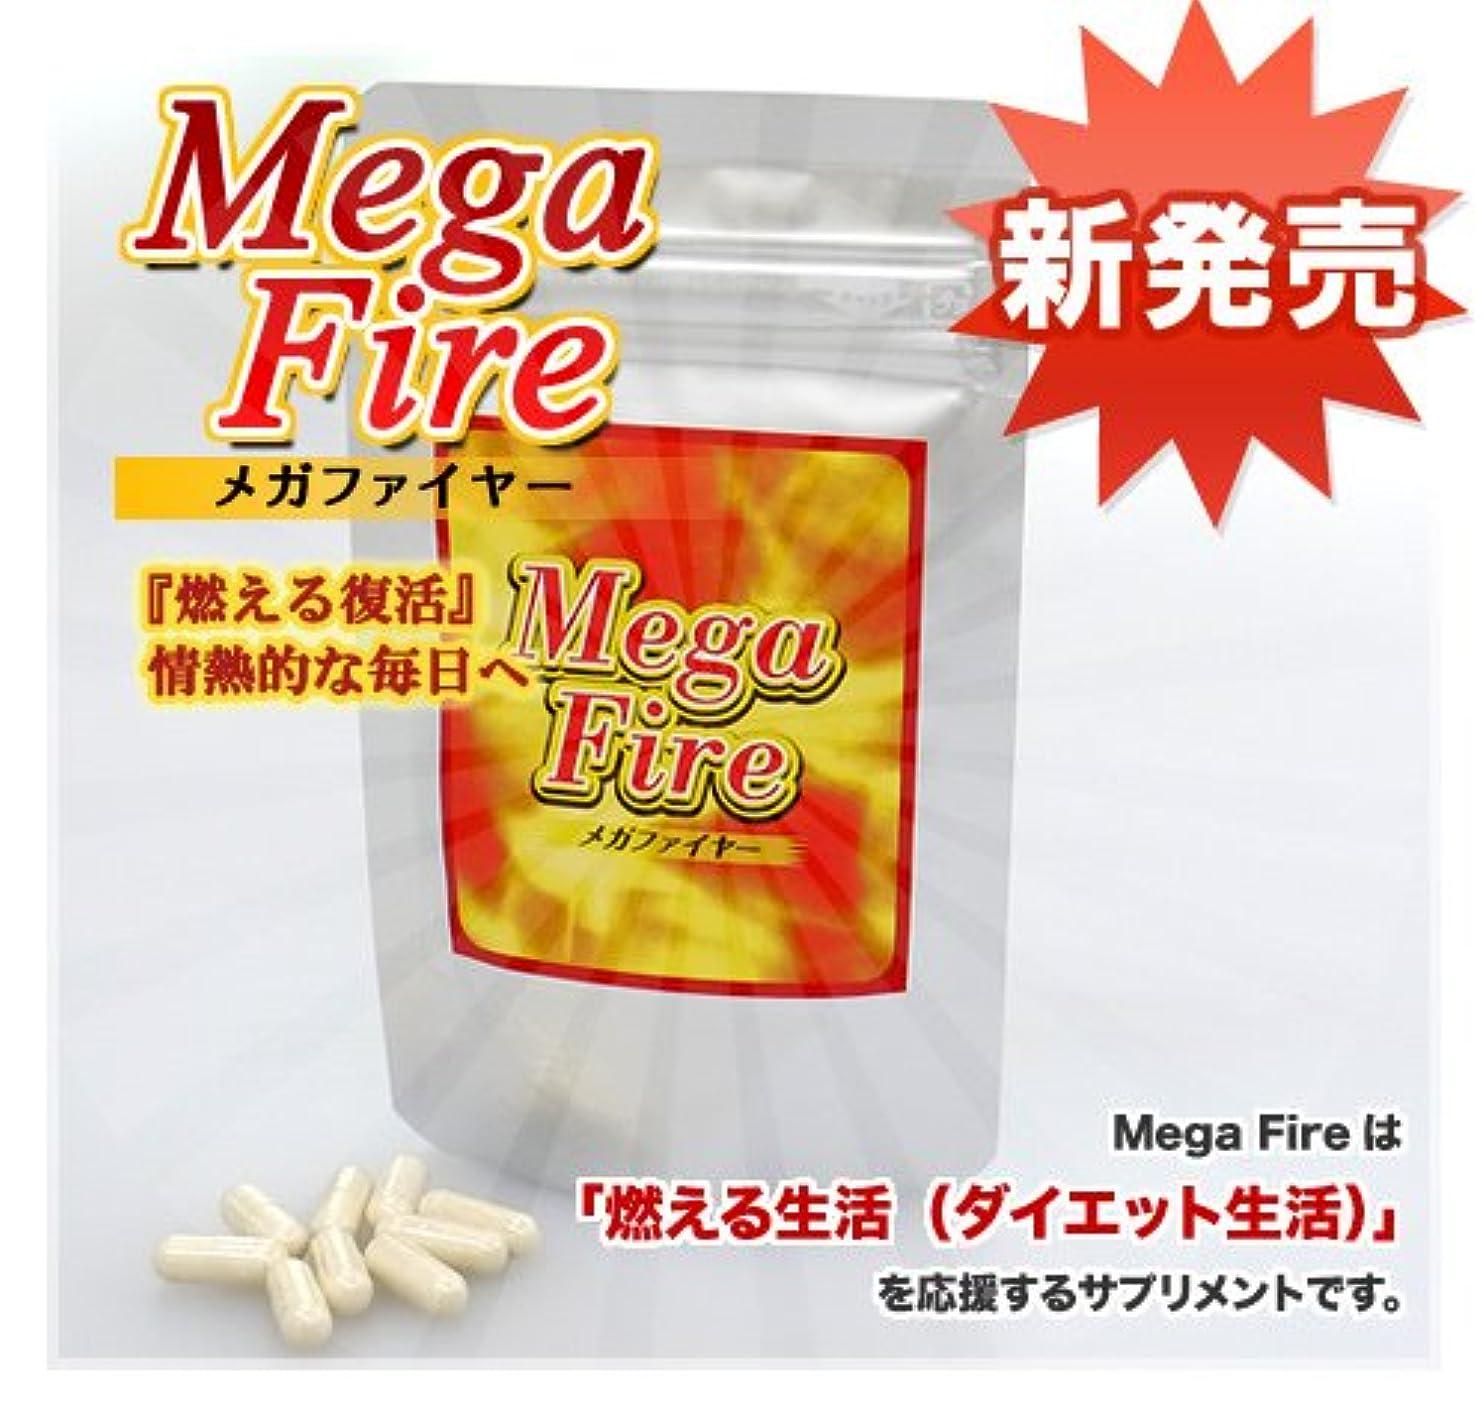 友だちギネスブランド名MegaFire(メガファイヤー)3ヶ月セット